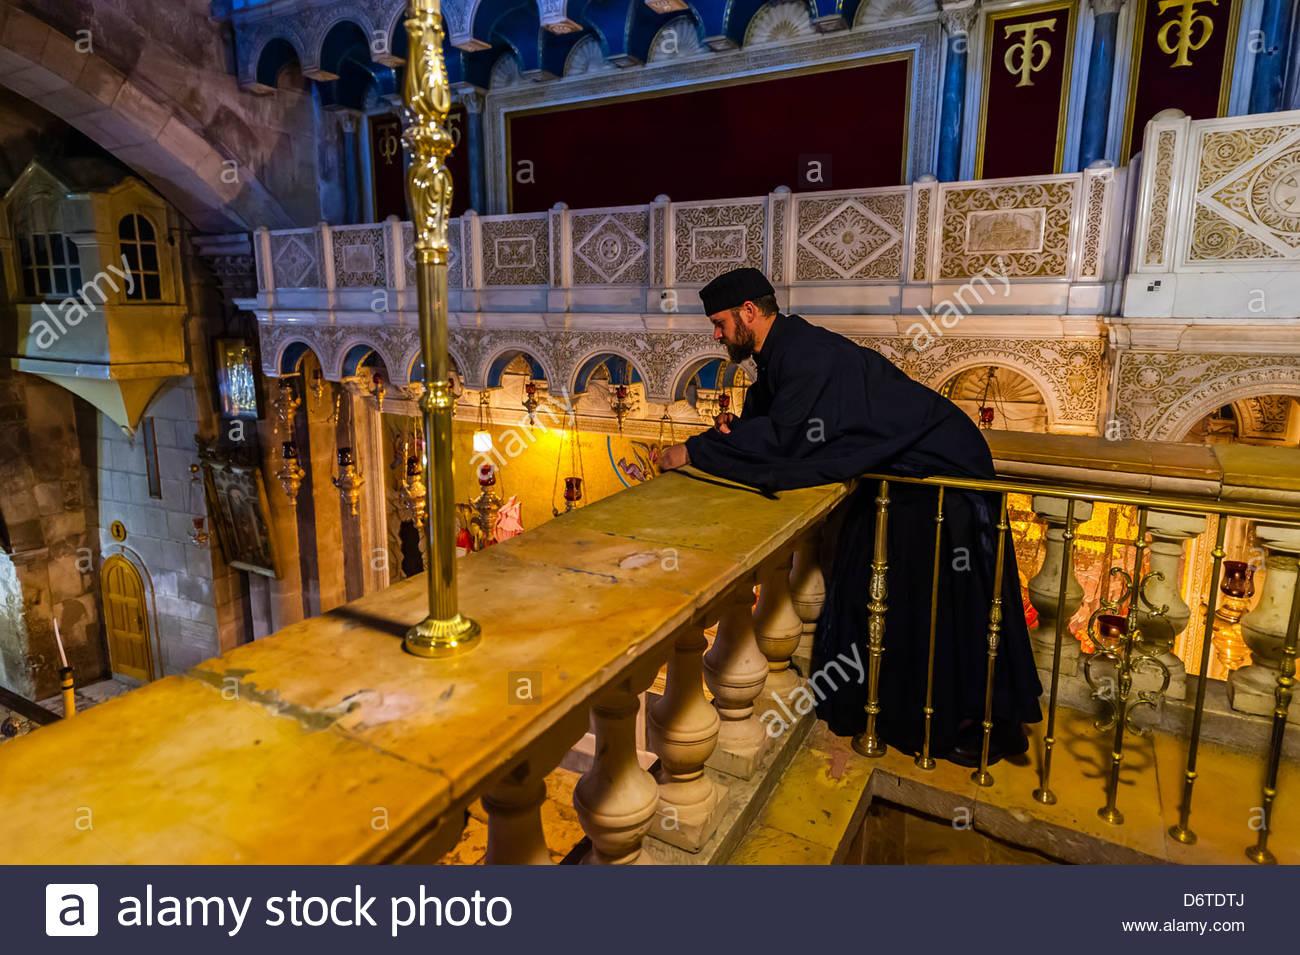 Una misa ortodoxa armenia, la Iglesia del Santo Sepulcro, Barrio Cristiano de la Ciudad Vieja, Jerusalén, Israel. Imagen De Stock